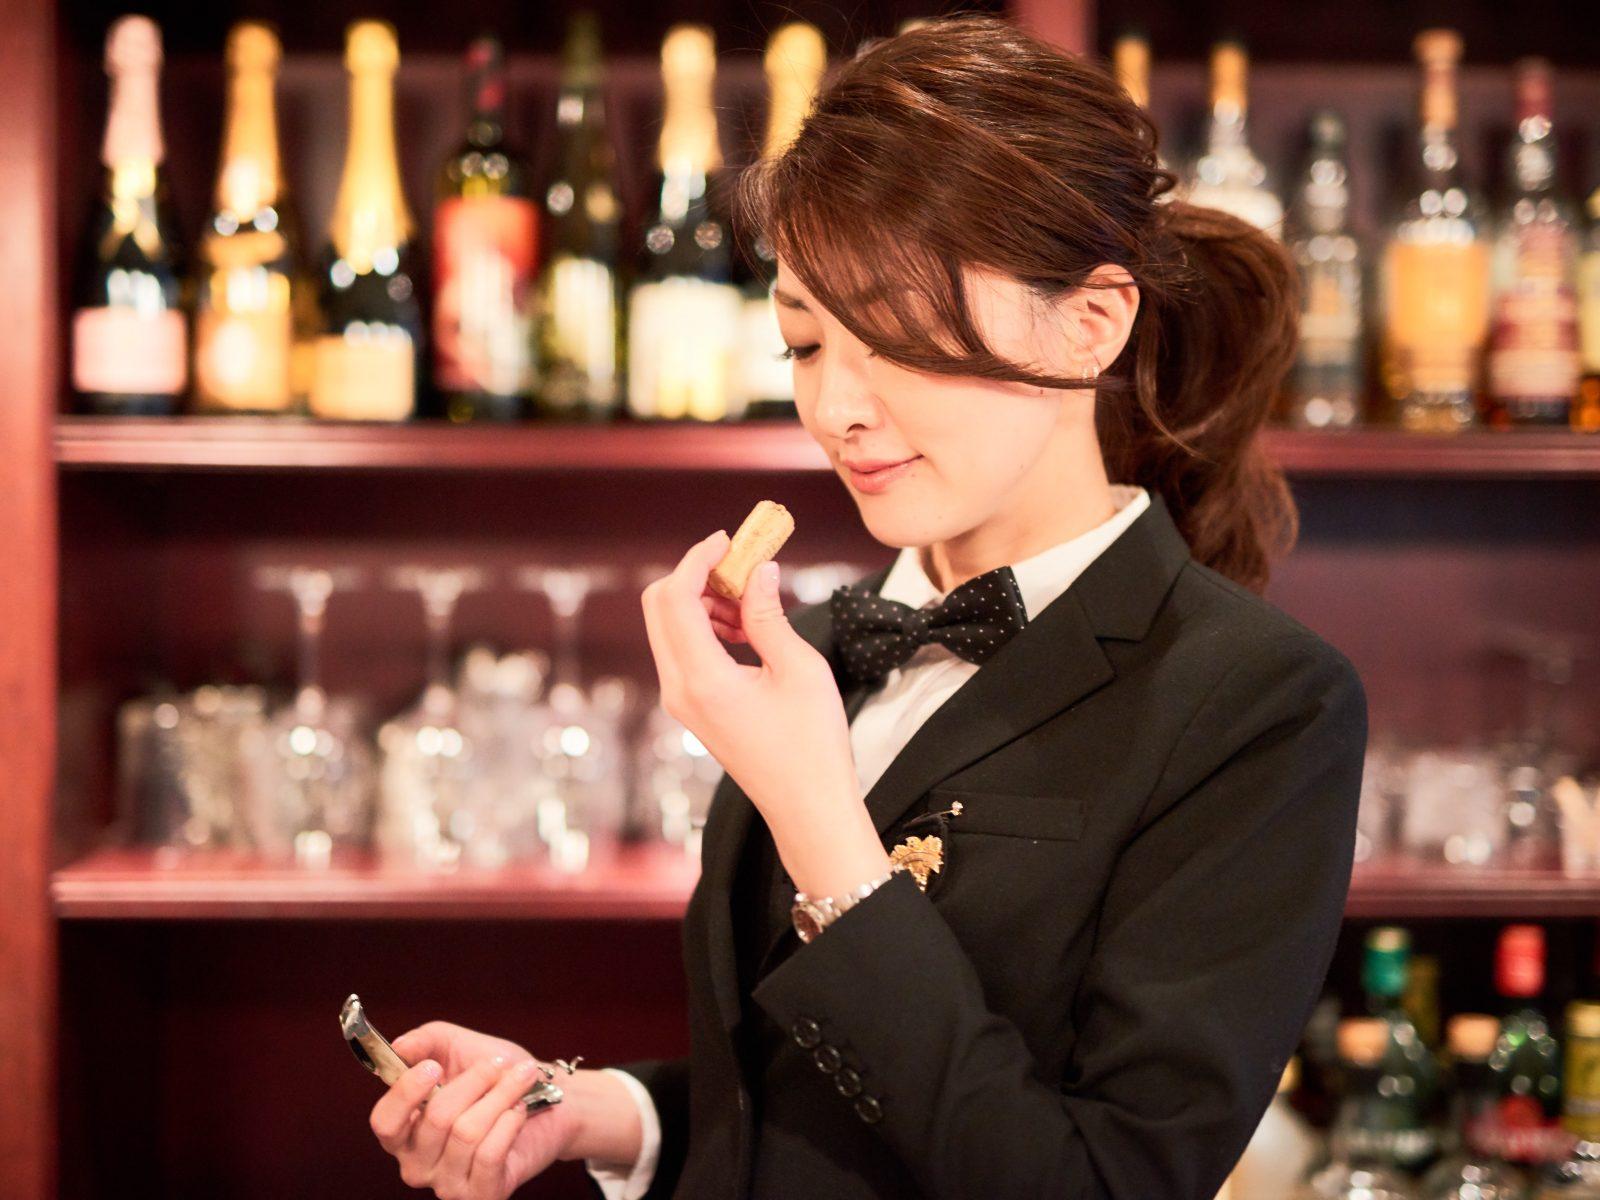 「コップで飲んでもいいワイン」はどれ?飲み残したらどうすればいい?